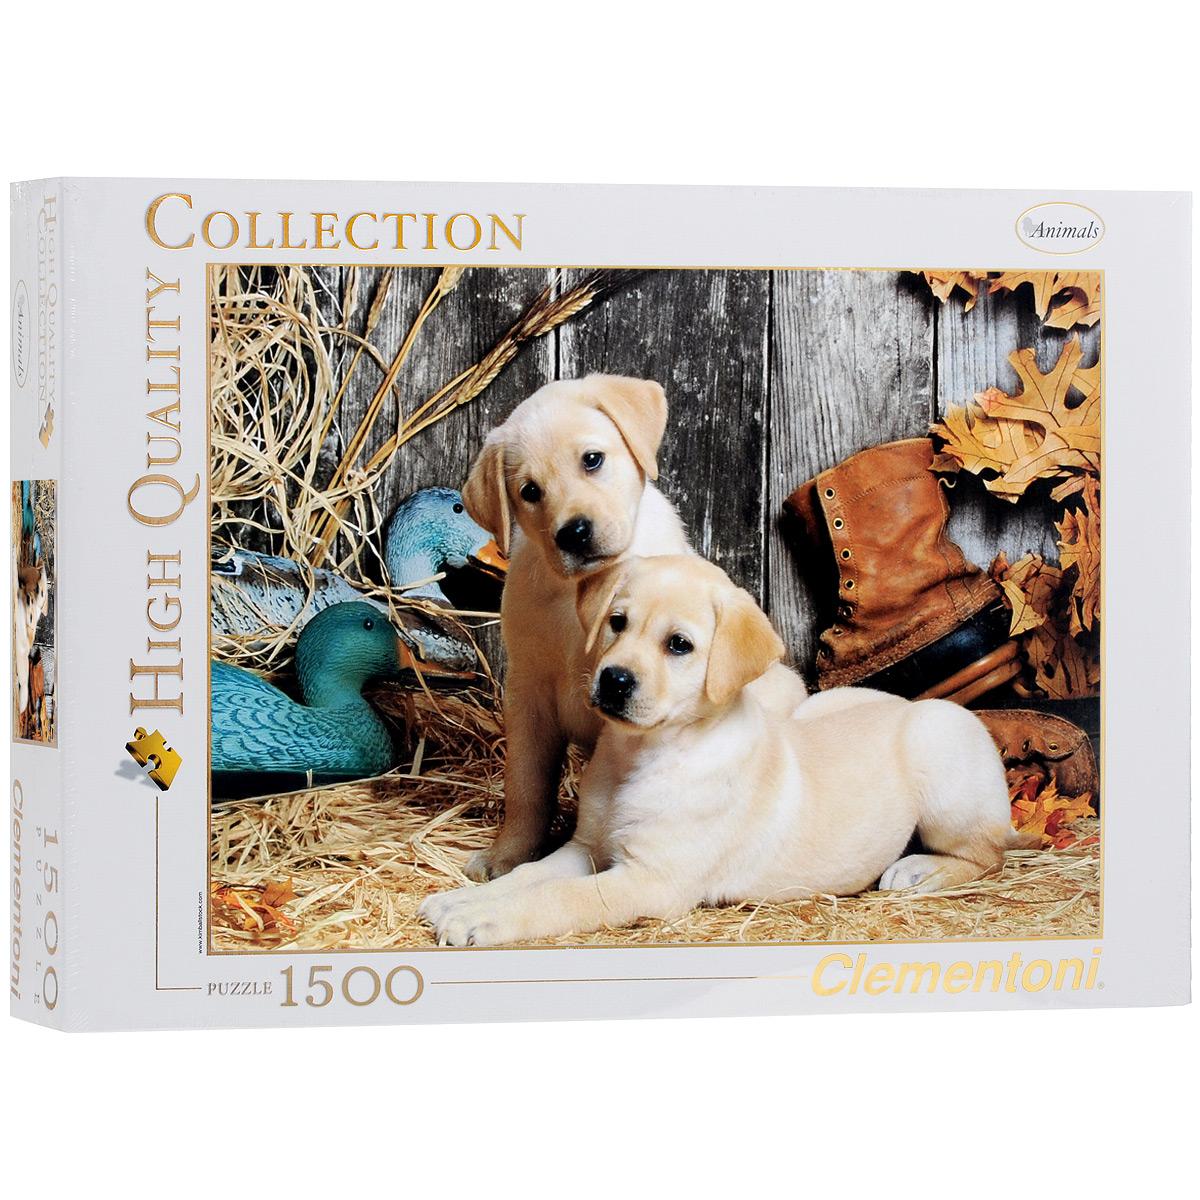 Охотничьи собаки. Пазл, 1500 элементов31976Пазл Clementoni Охотничьи собаки, без сомнения, придется по душе вам и вашему ребенку. Собрав этот пазл, включающий в себя 1500 элементов, вы получите цветной оригинальный постер с изображением собак. Лабрадор является одной из самых популярных пород собак. Первоначально эта порода была выведена в качестве рабочей собаки. Порода берет свое начало на острове Ньюфаундленд на восточном побережье Канады. Пазлы - прекрасное антистрессовое средство для взрослых и замечательная развивающая игра для детей. Собирание пазла развивает у ребенка мелкую моторику рук, тренирует наблюдательность, логическое мышление, знакомит с окружающим миром, с цветом и разнообразными формами, учит усидчивости и терпению, аккуратности и вниманию. Собирание пазла - прекрасное времяпрепровождение для всей семьи.